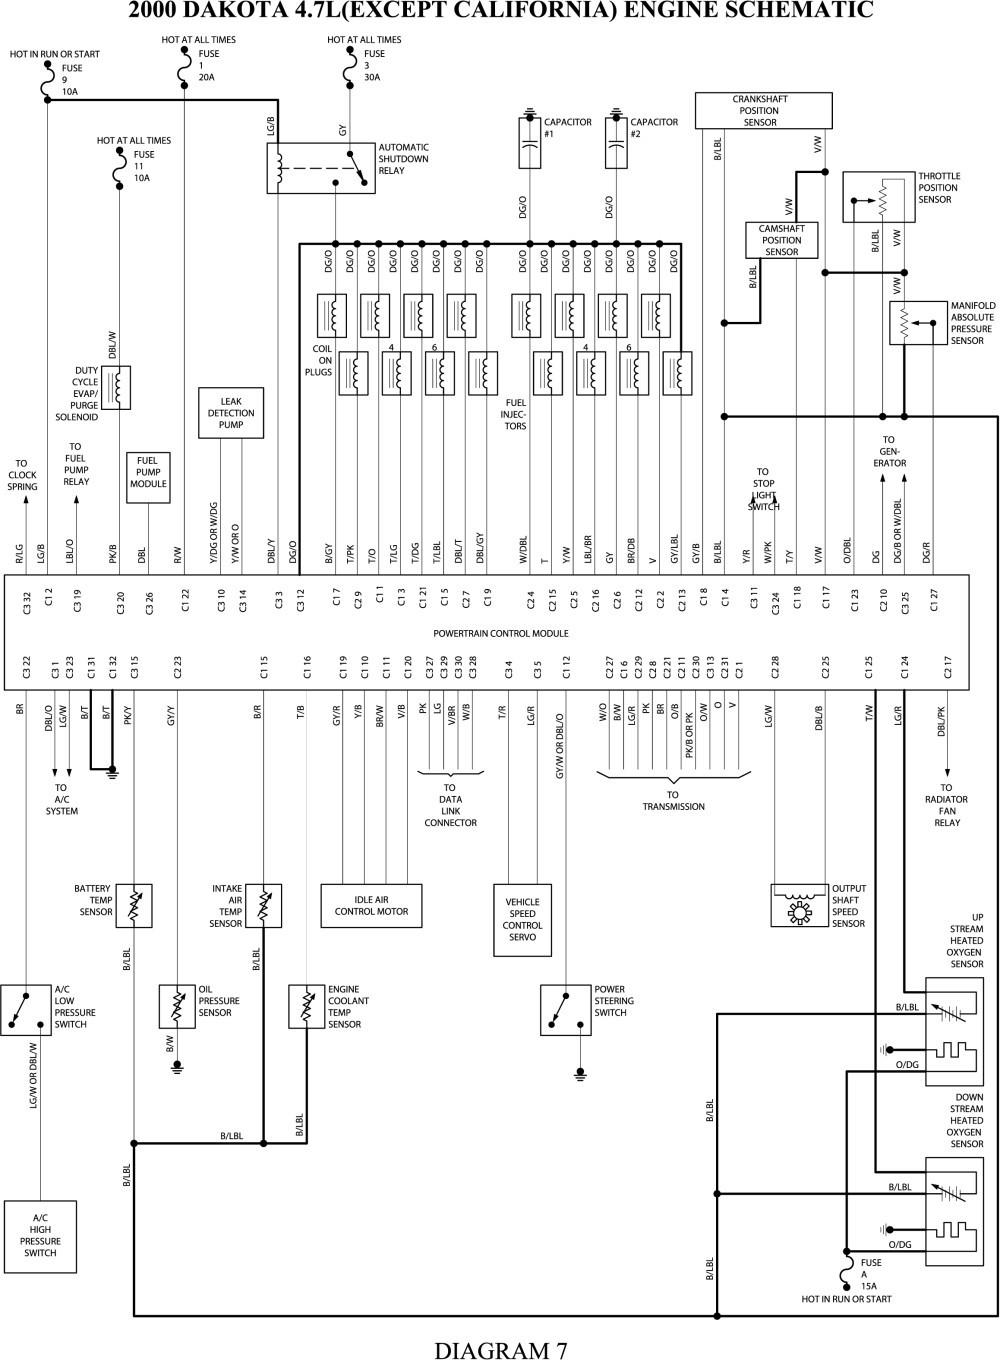 2000 dodge dakota 4x4 wiring diagram wiring diagram expert